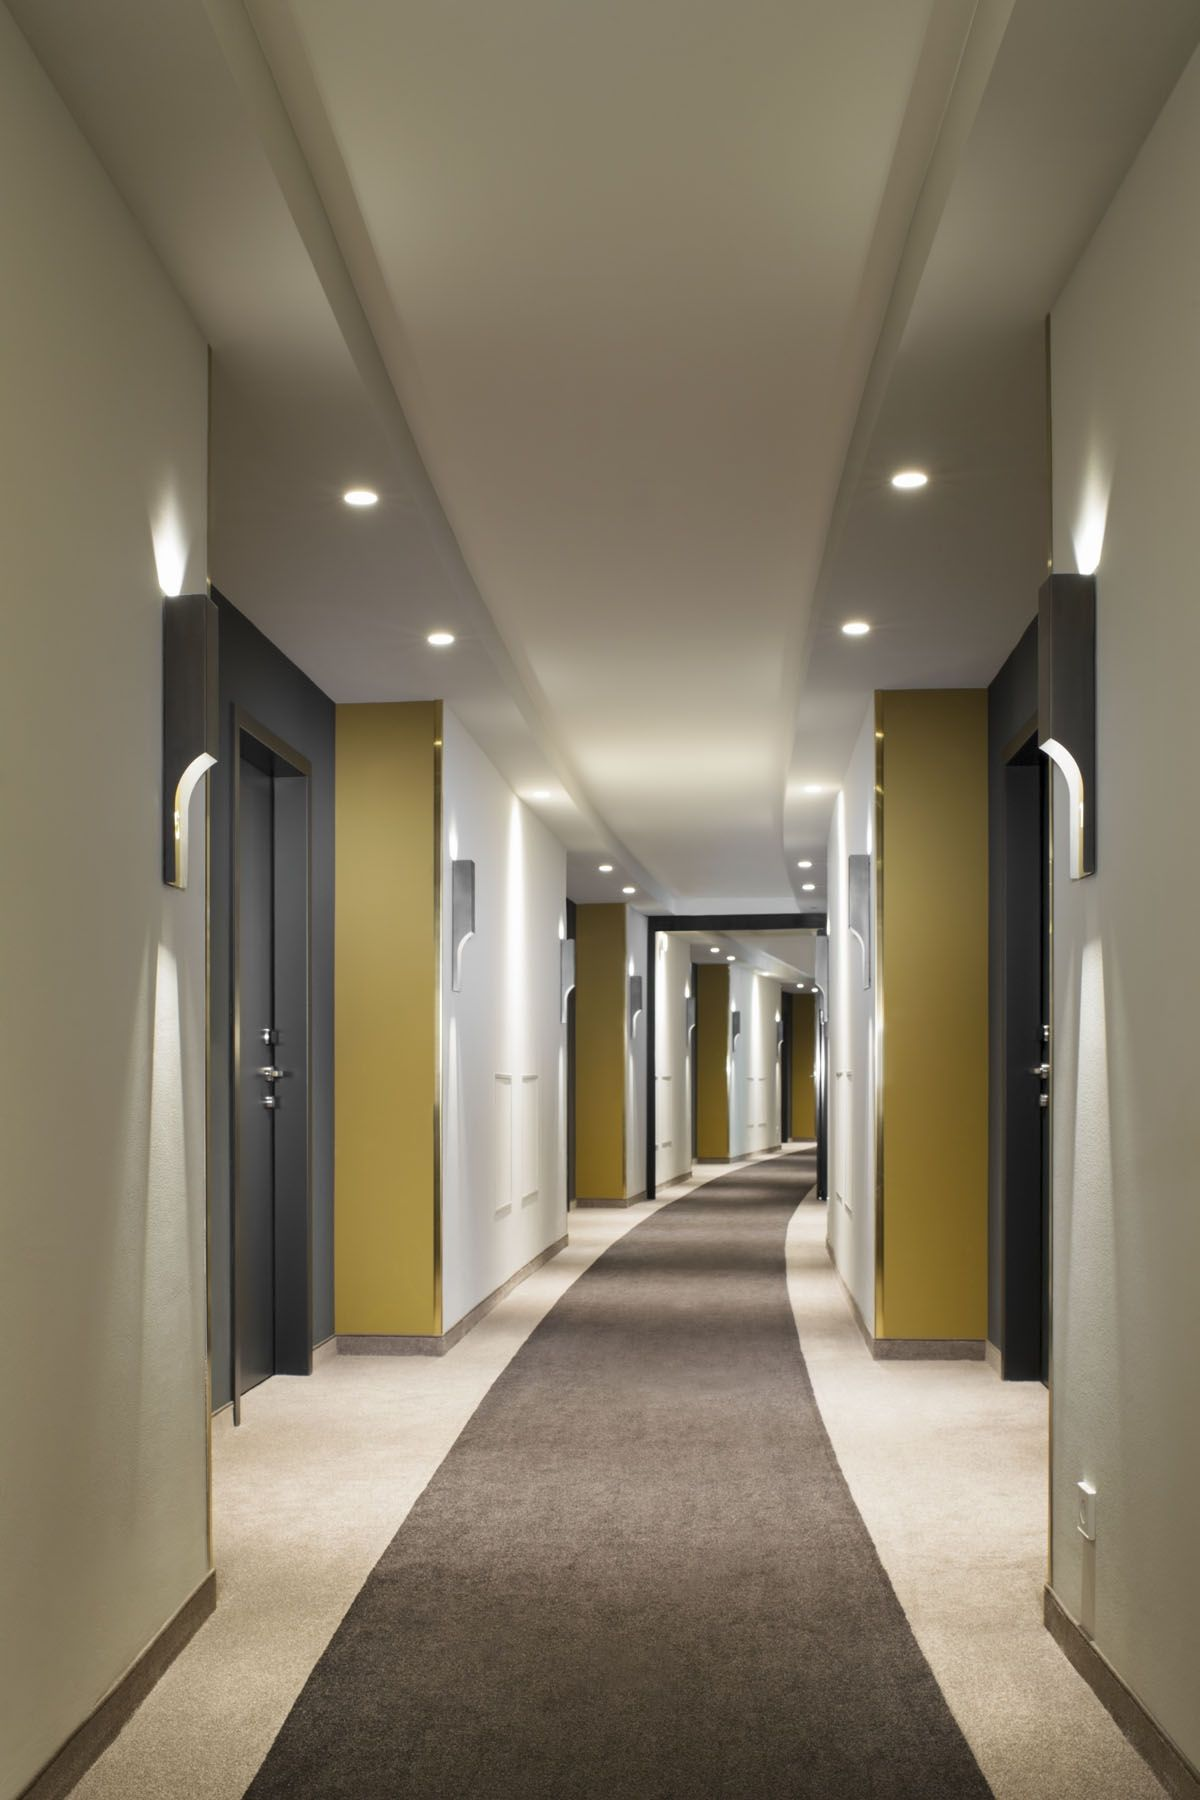 Interior Hotel Corridor Design